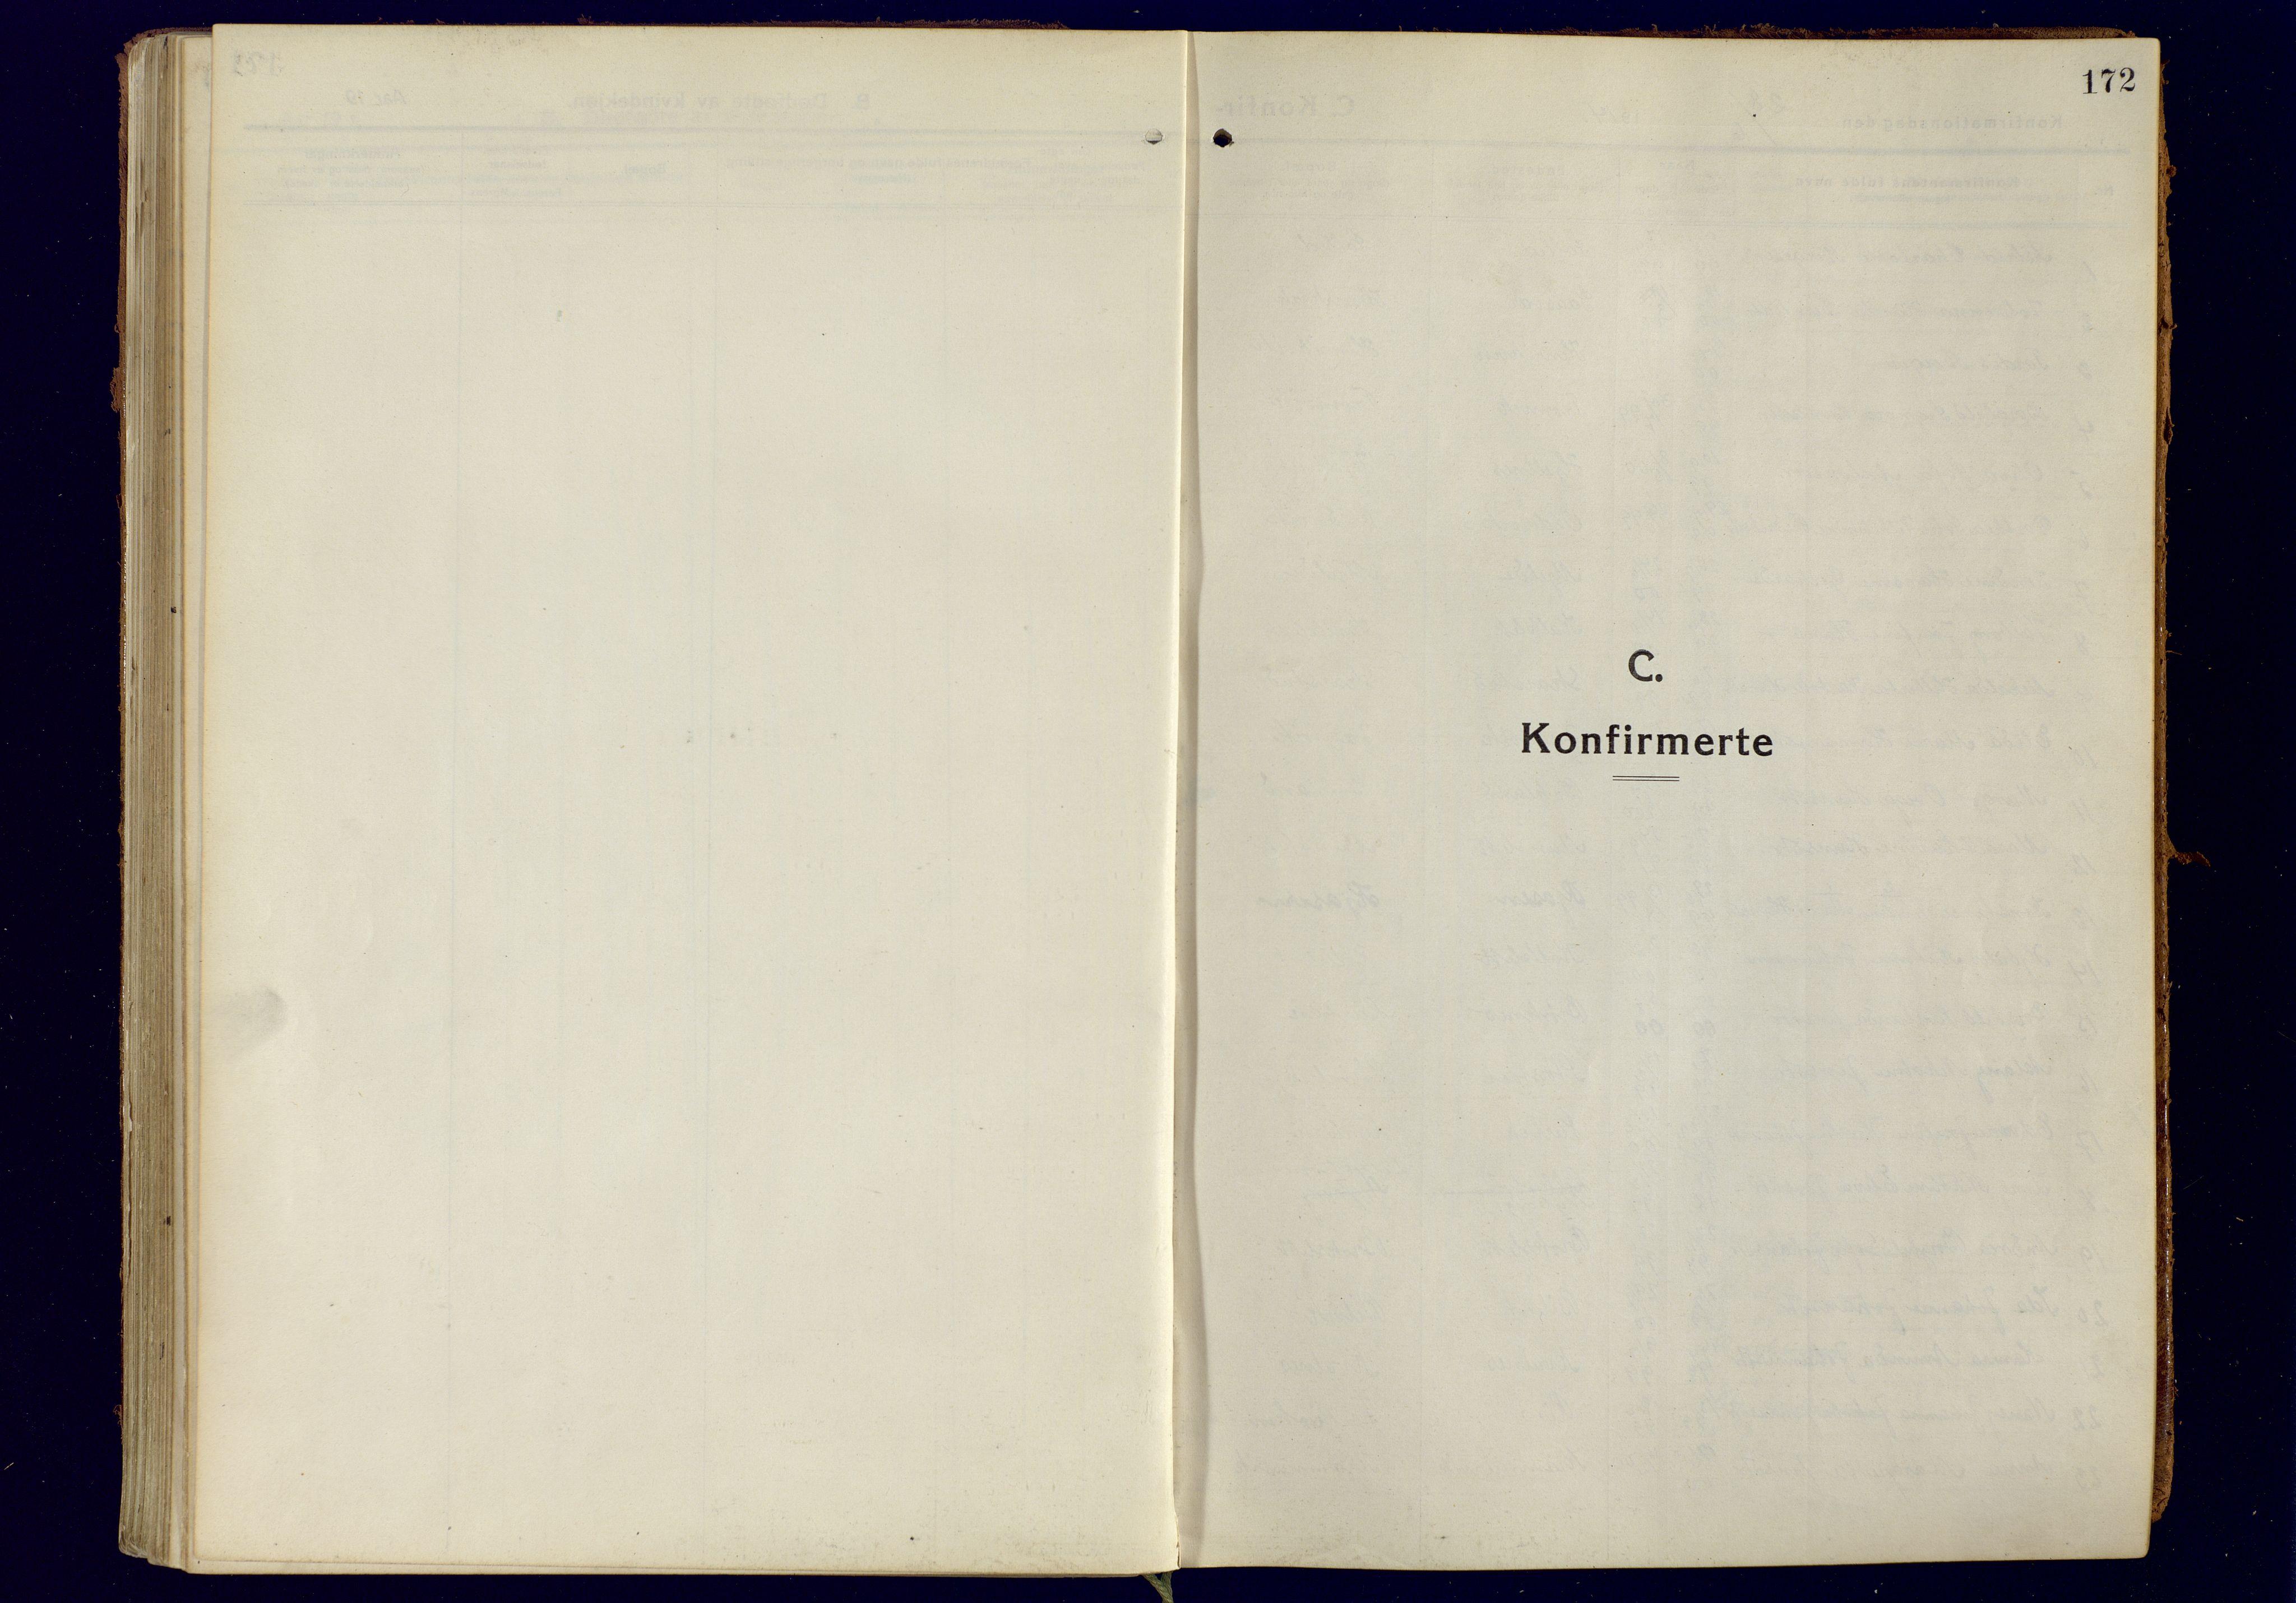 SATØ, Tromsøysund sokneprestkontor, G/Ga: Parish register (official) no. 8, 1914-1922, p. 172